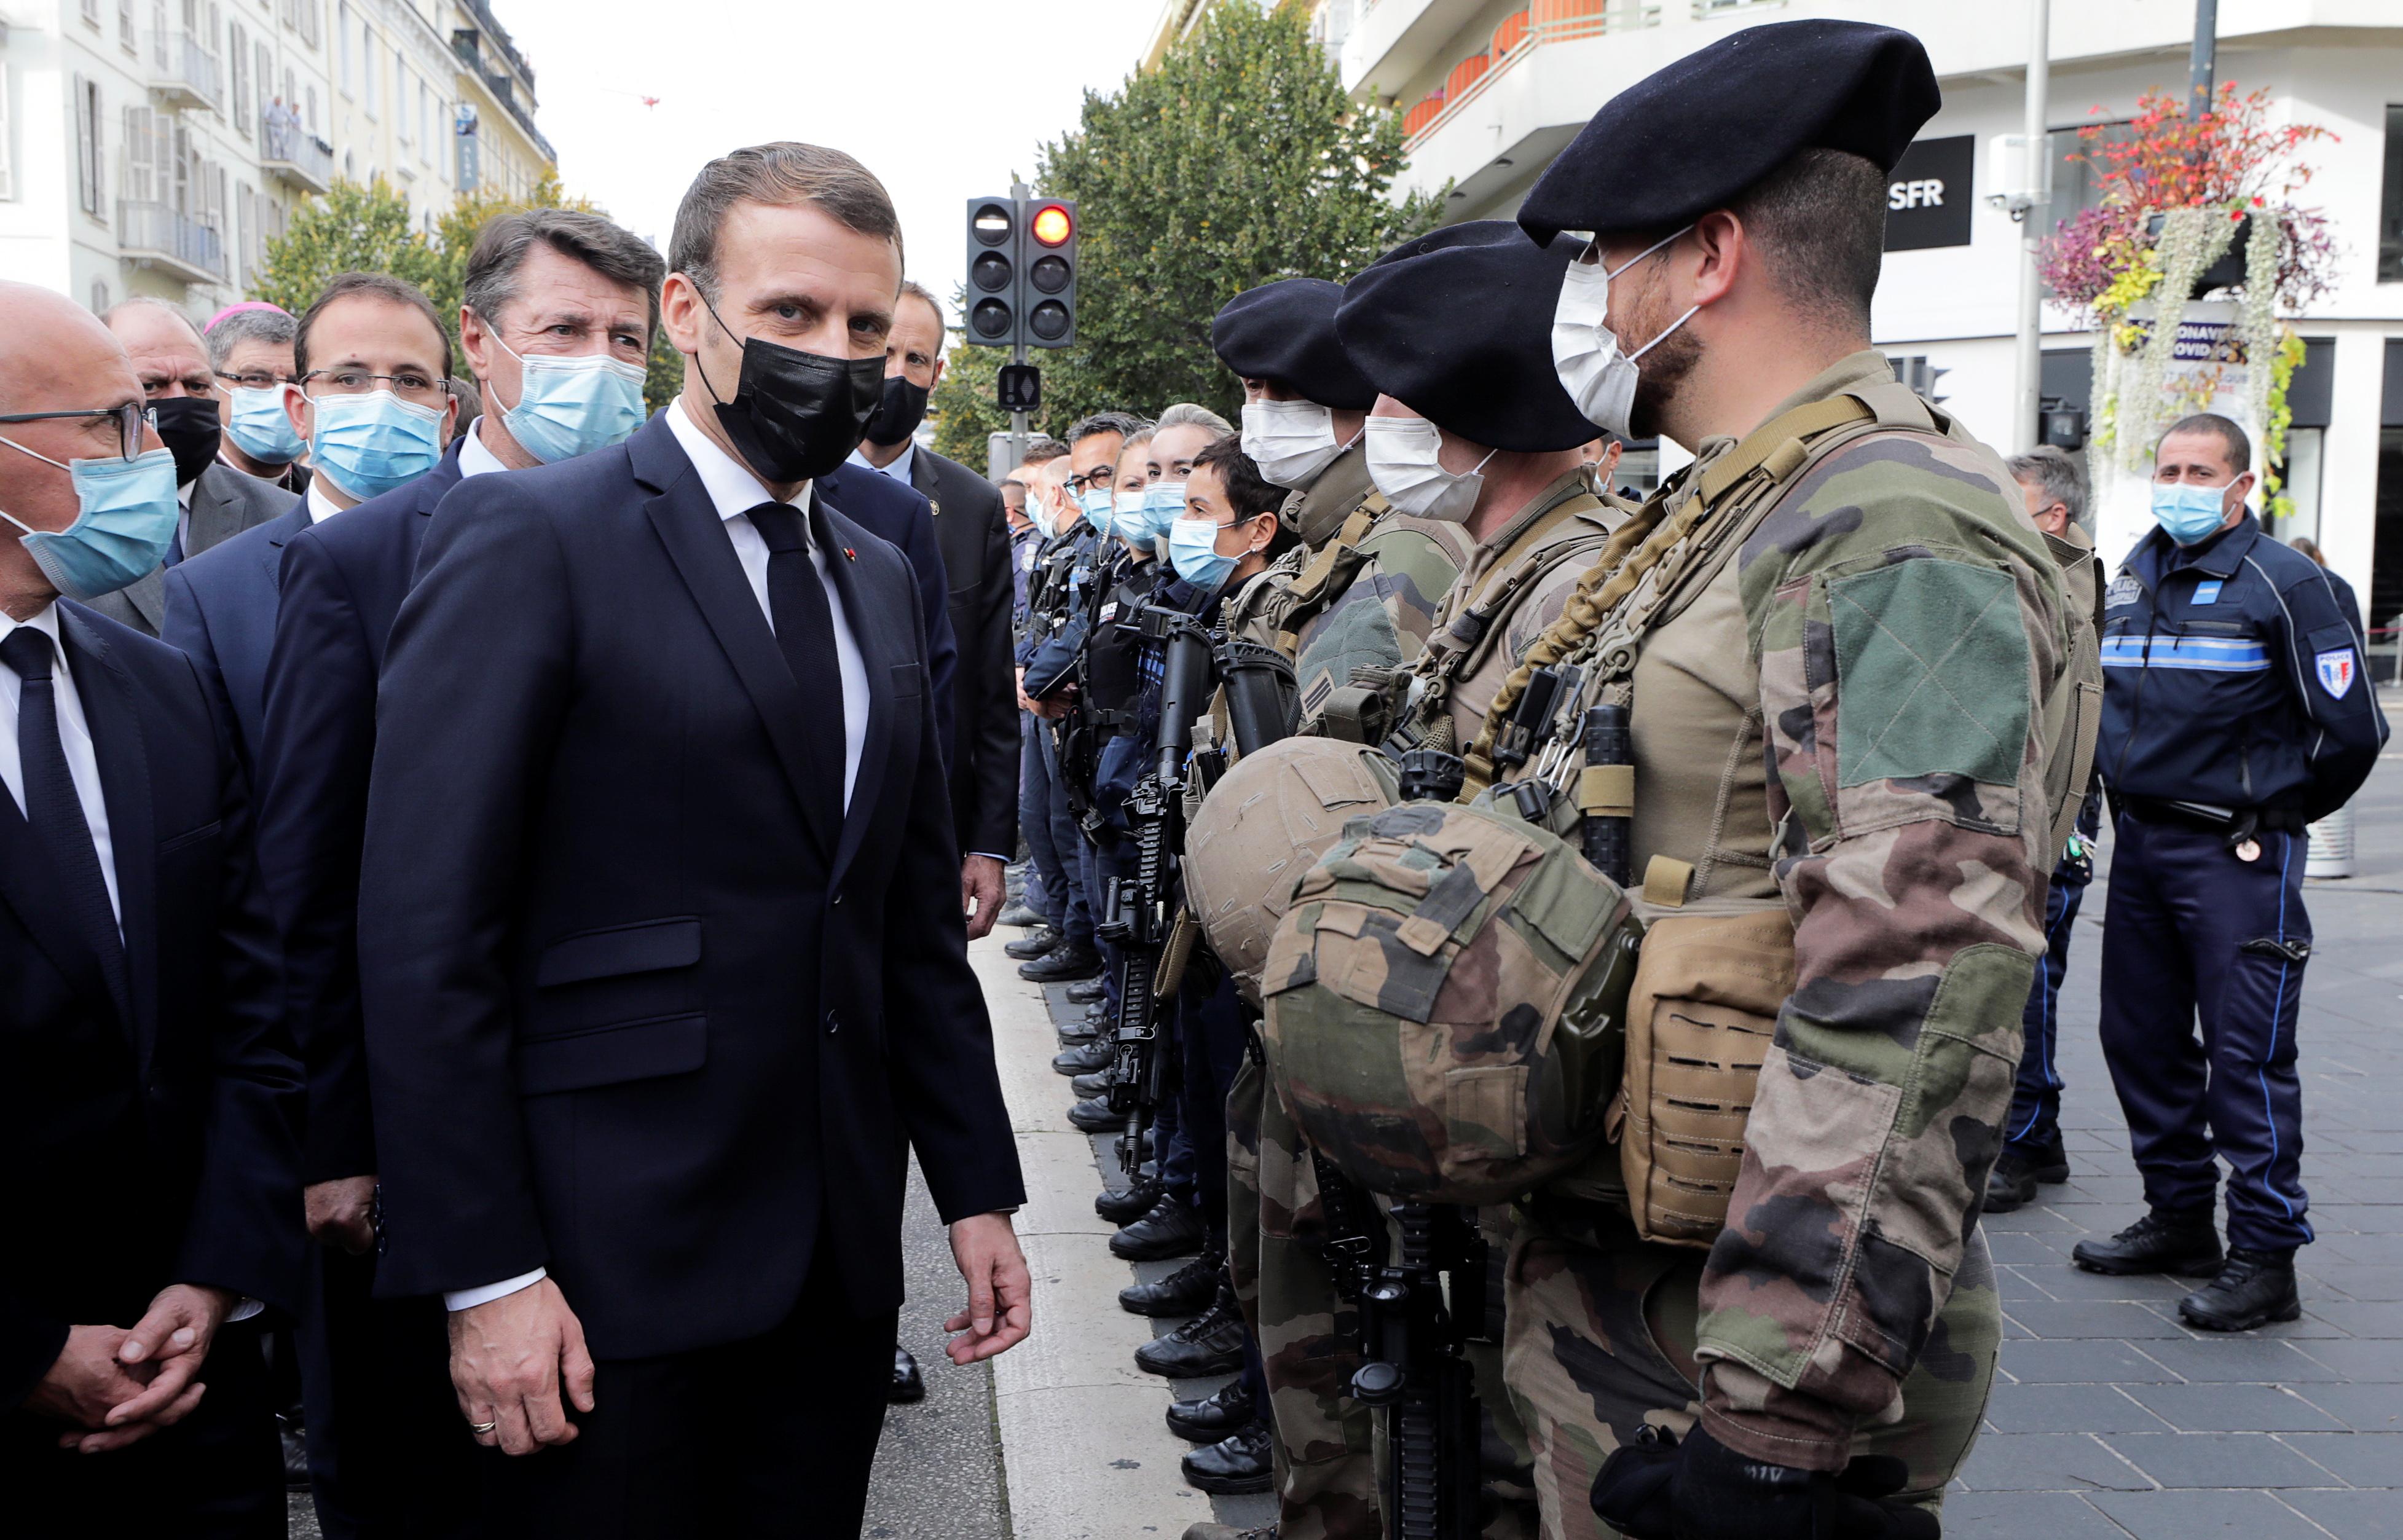 马克龙(左2)随后抵达尼斯视察,到事发教堂与军方、警方会面。-路透社-